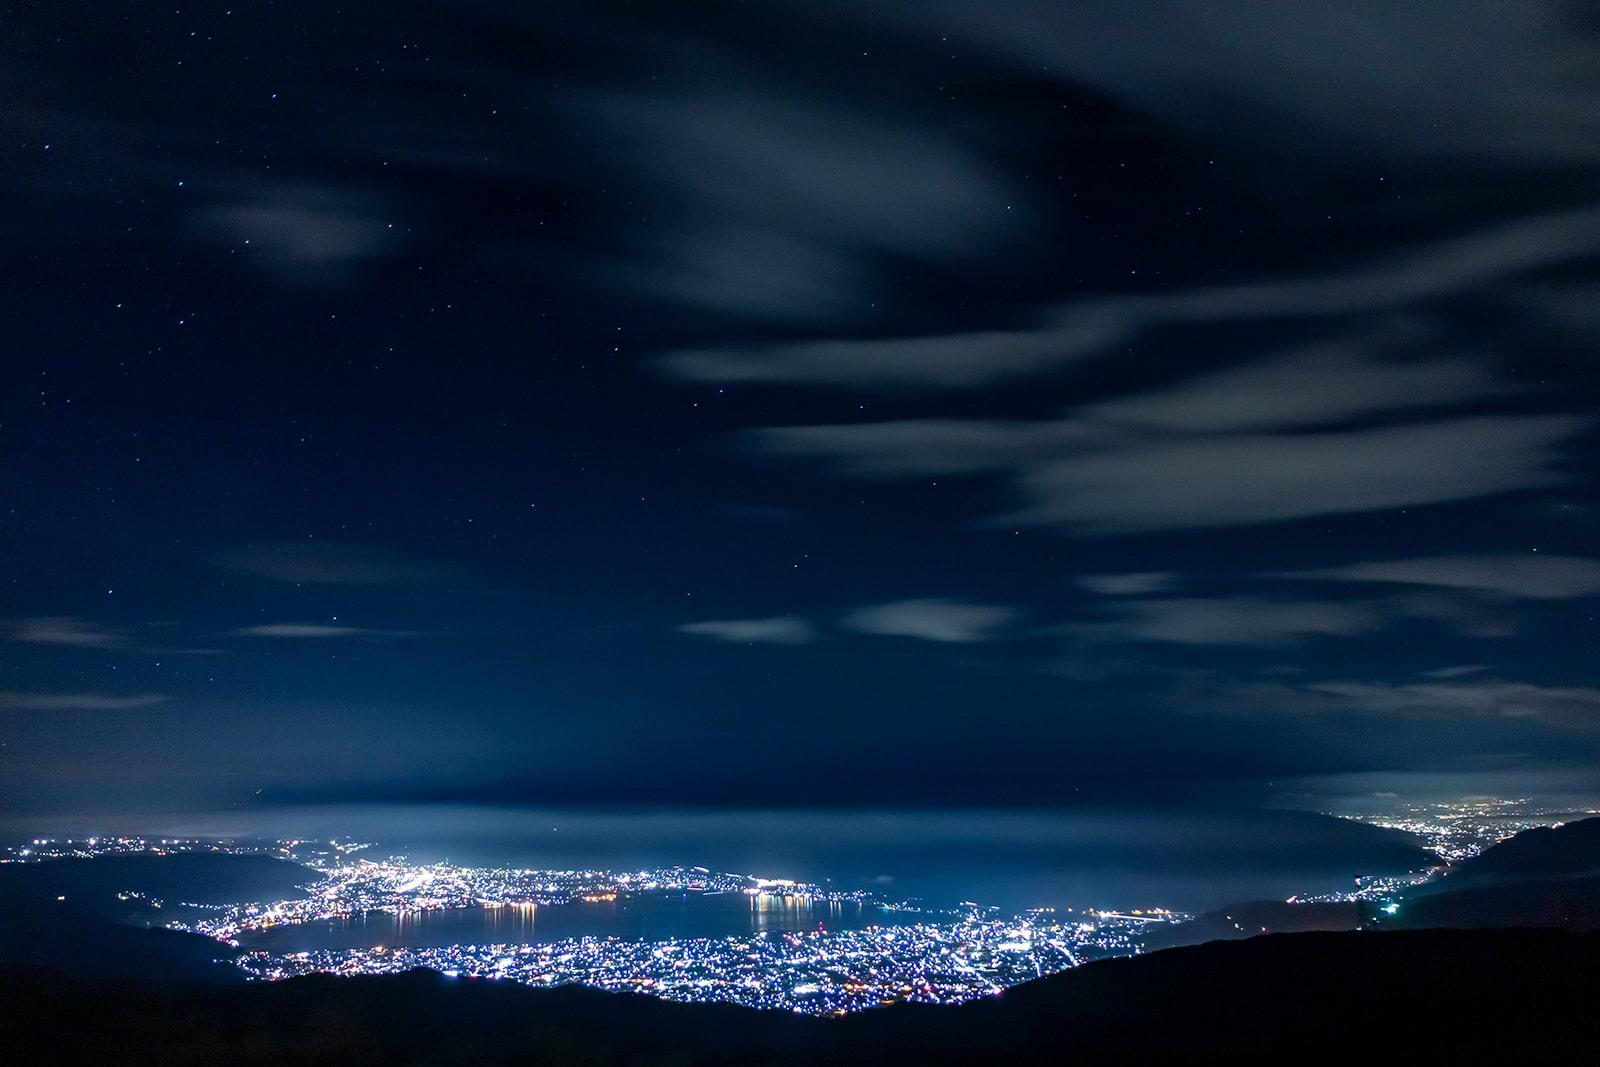 信州長野でも特に人気の夜景スポット高ボッチ高原の南には素晴らしい景色が広がる